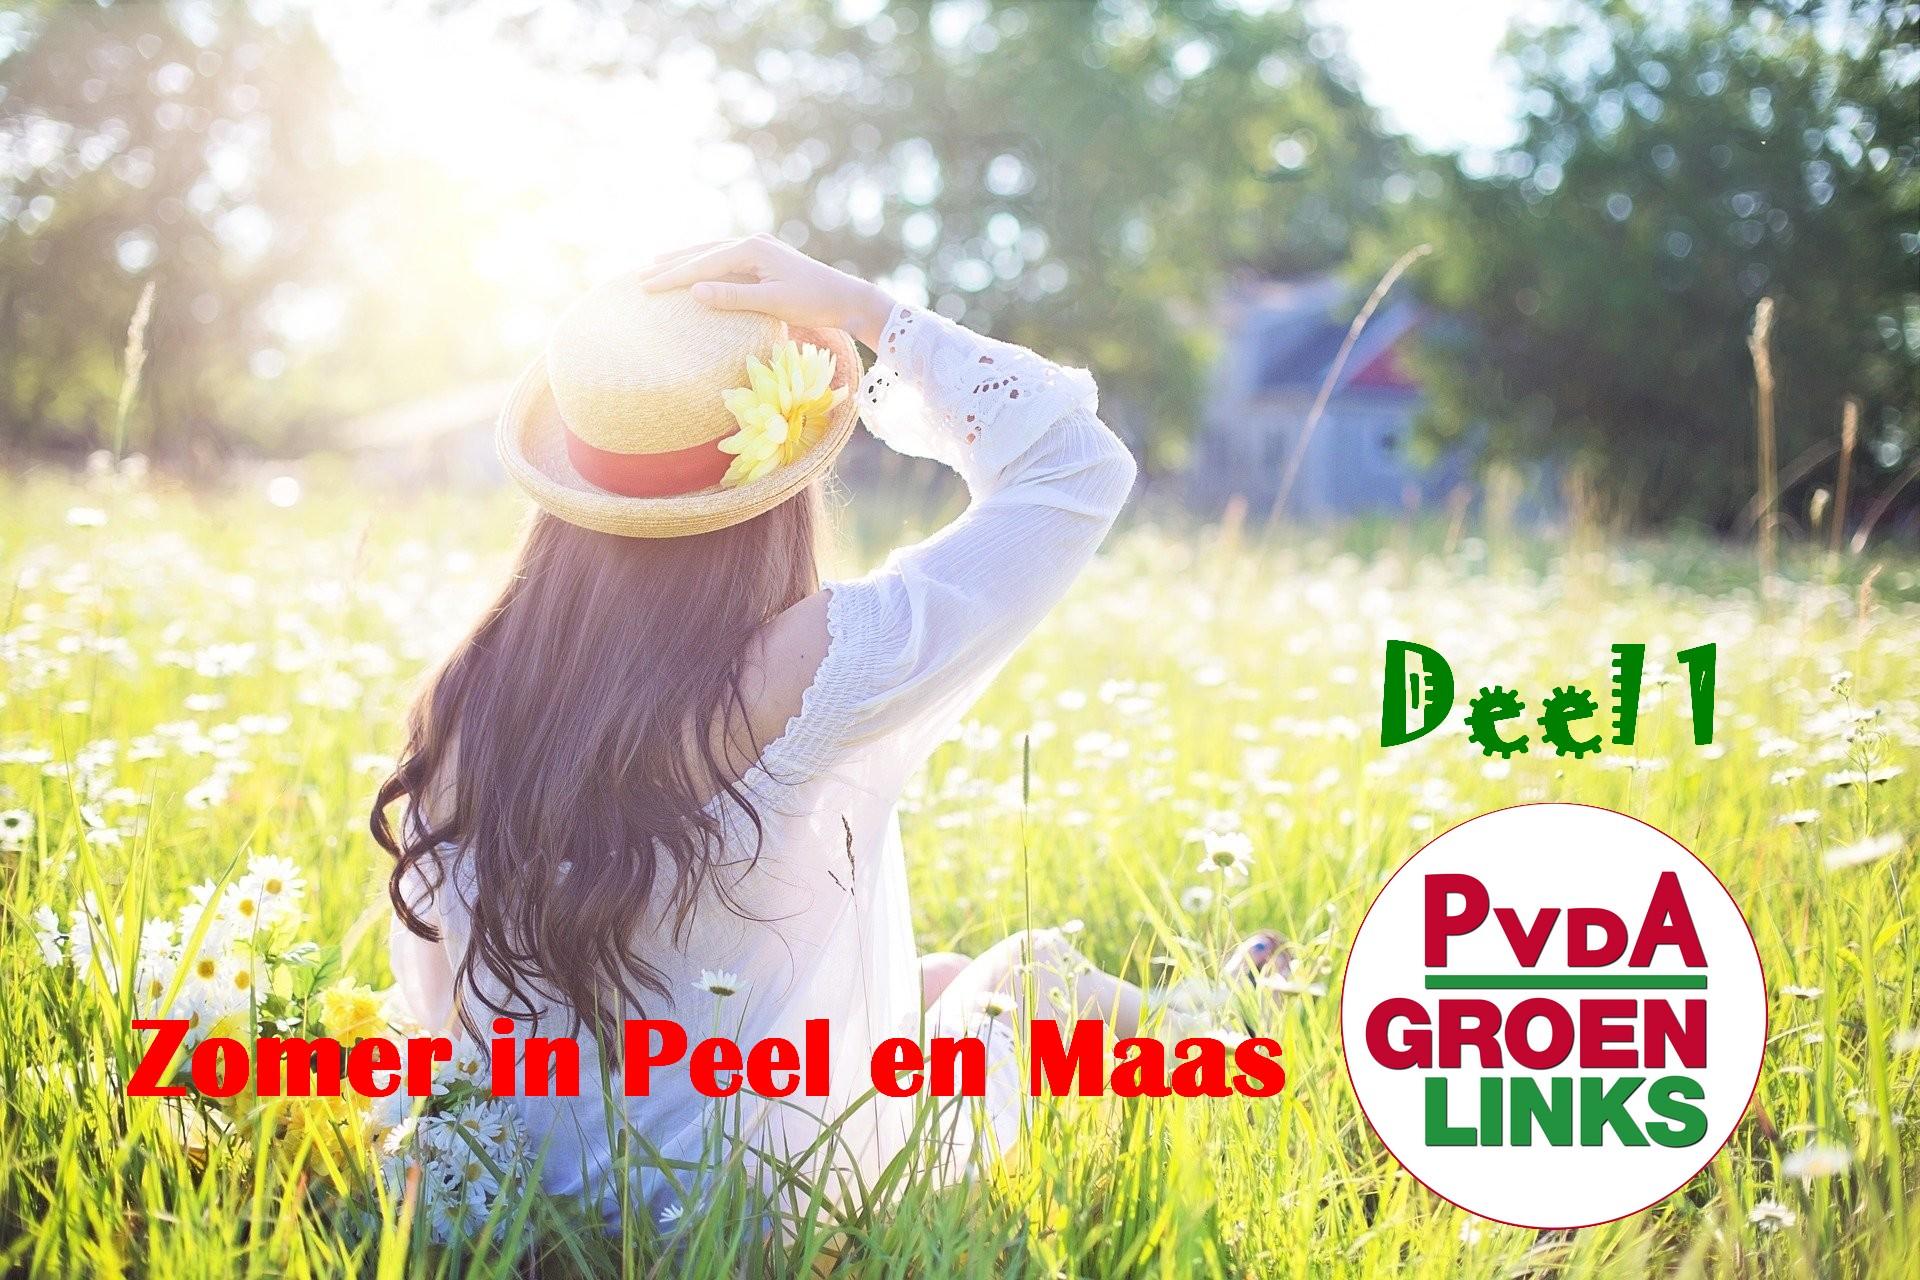 https://pvdagroenlinks.nl/zomer-in-peel-en-maas-deel-1-2/